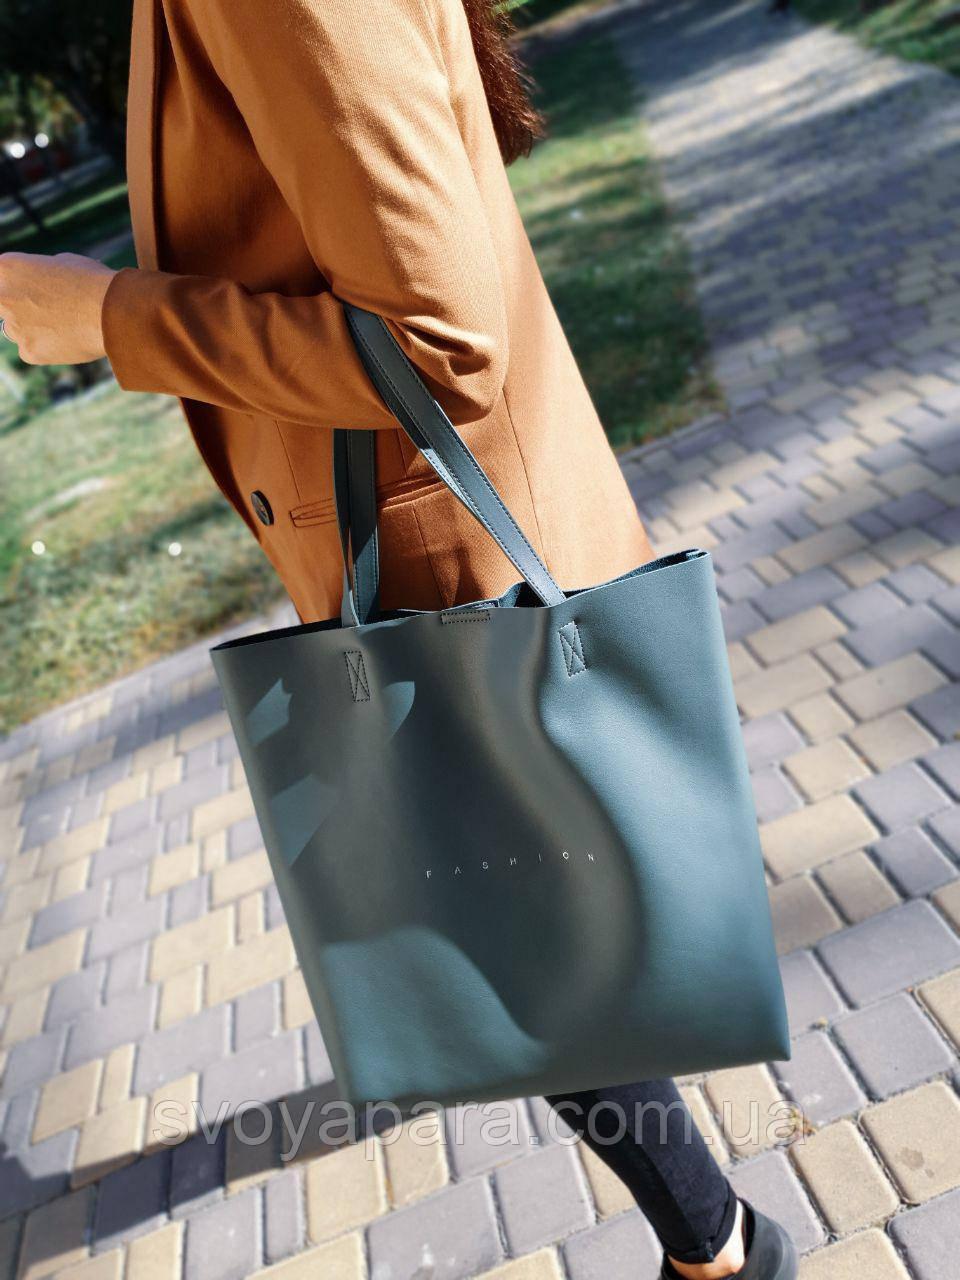 Кожаная женская сумка-шоппер размером 41х39 см Синяя (01269)